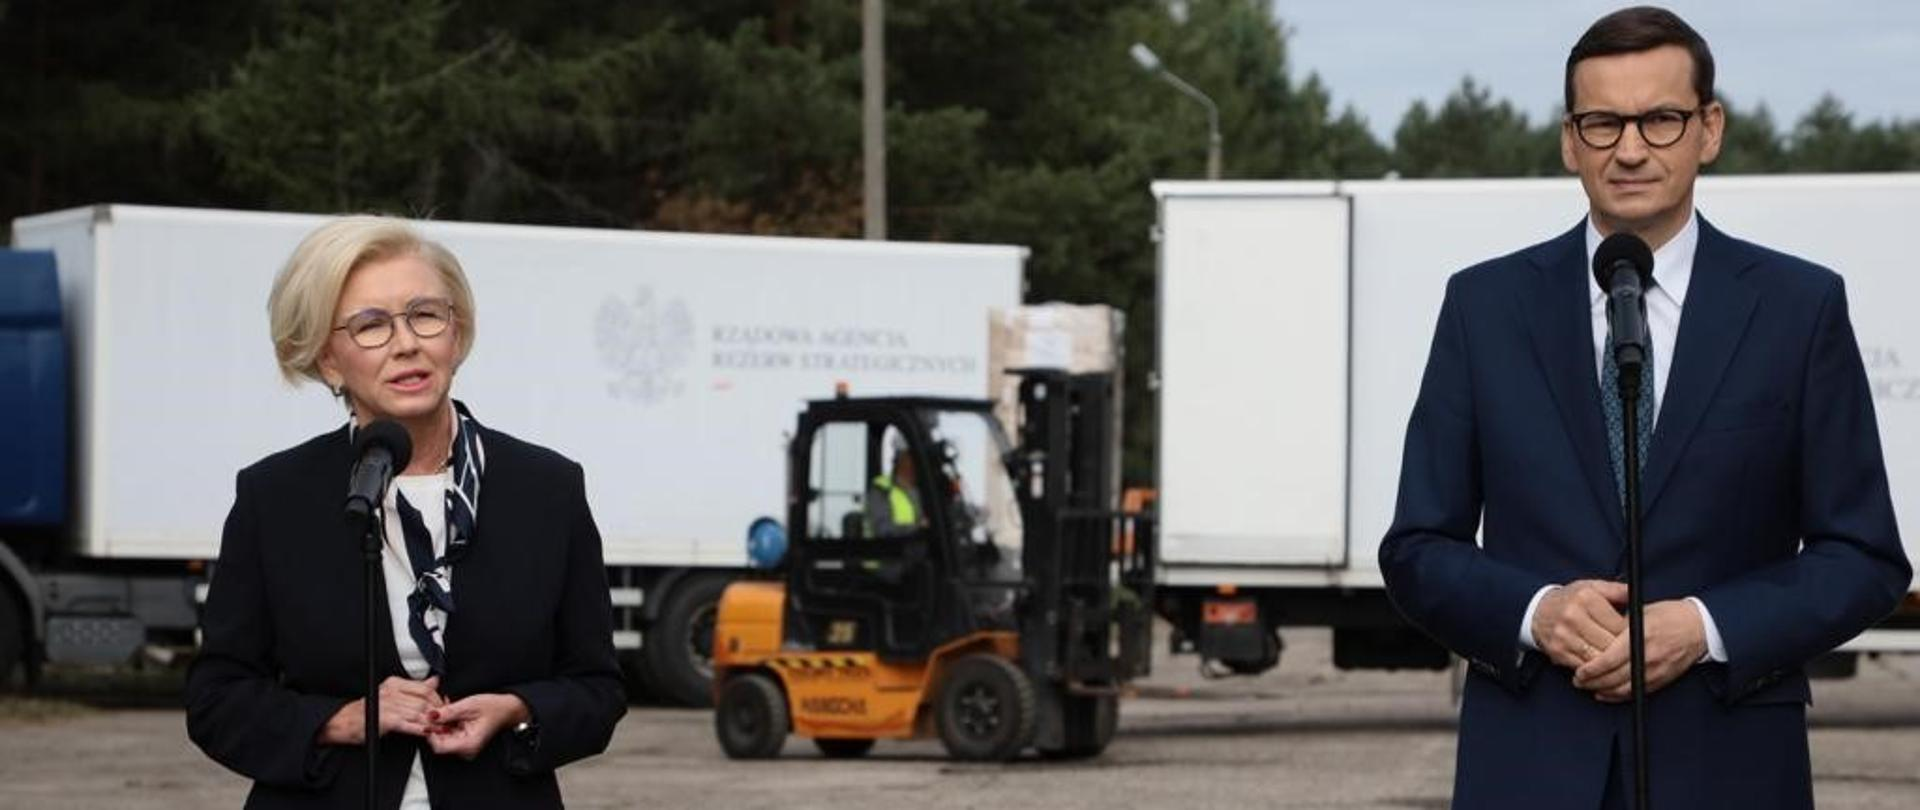 Premier Mateusz Morawiecki i wiceminister Marzena Machałek stoją przed mikrofonami, w tle samochody ciężarowe Rządowej Agencji Rezerw Strategicznych